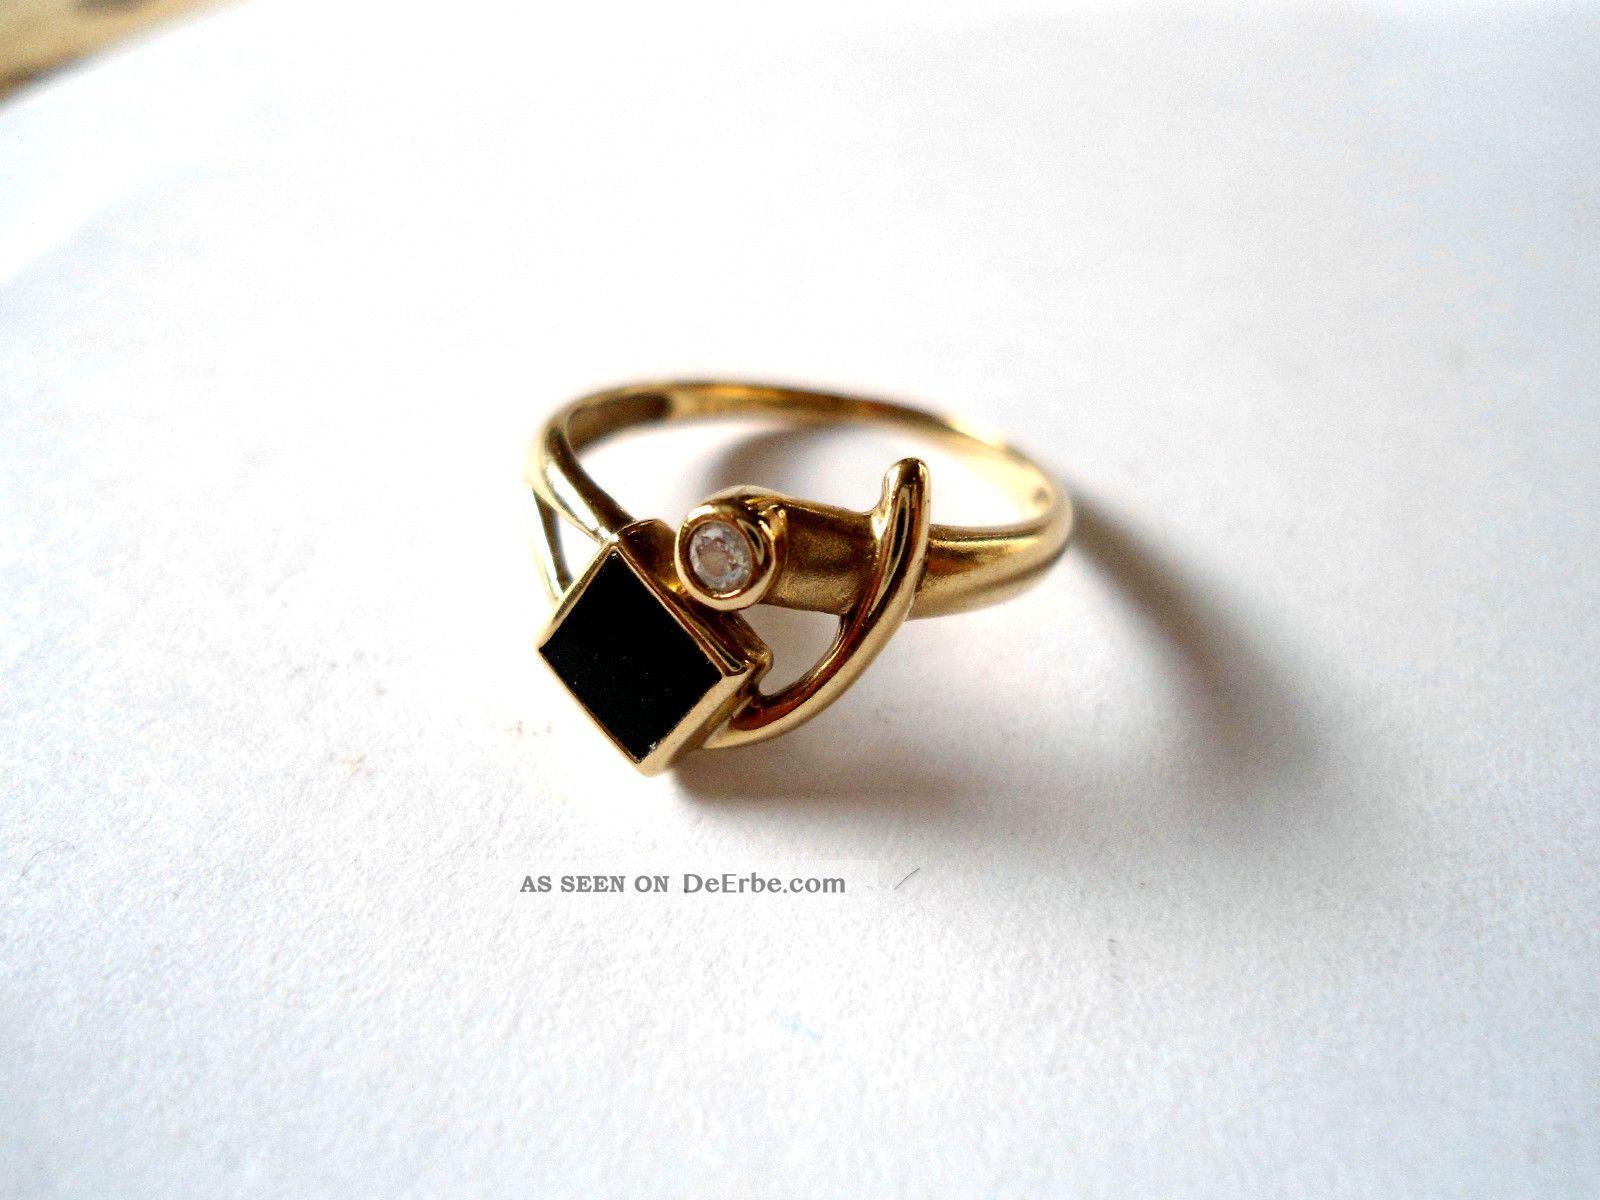 Goldring mit stein  Antikschmuck - Schmuck & Accessoires - Ringe - Gold - Antiquitäten